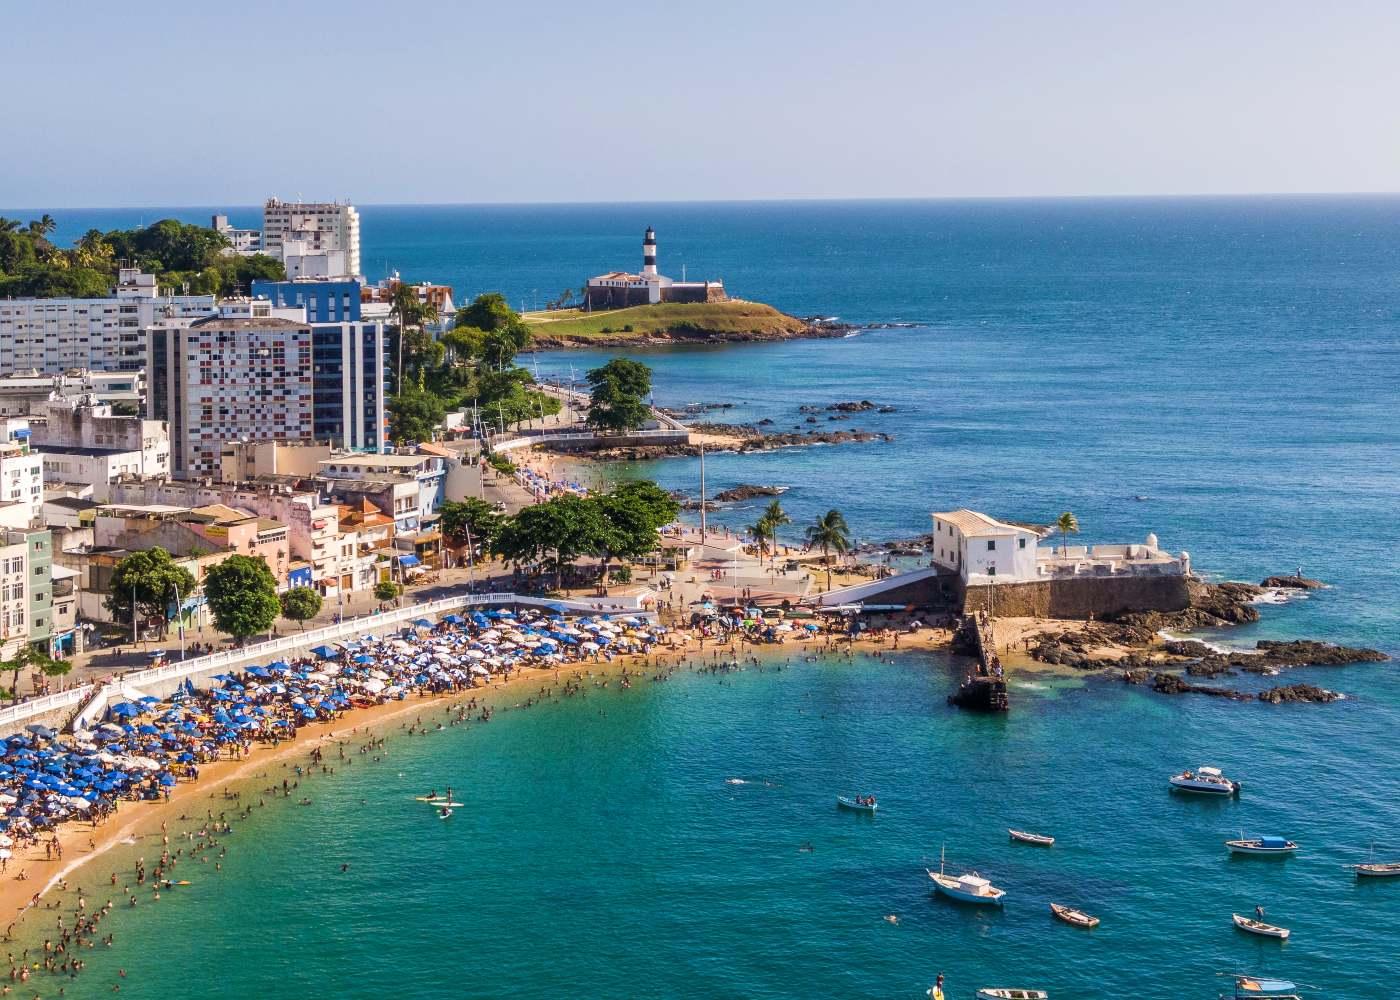 Praia da Barra em Salvador da Bahia